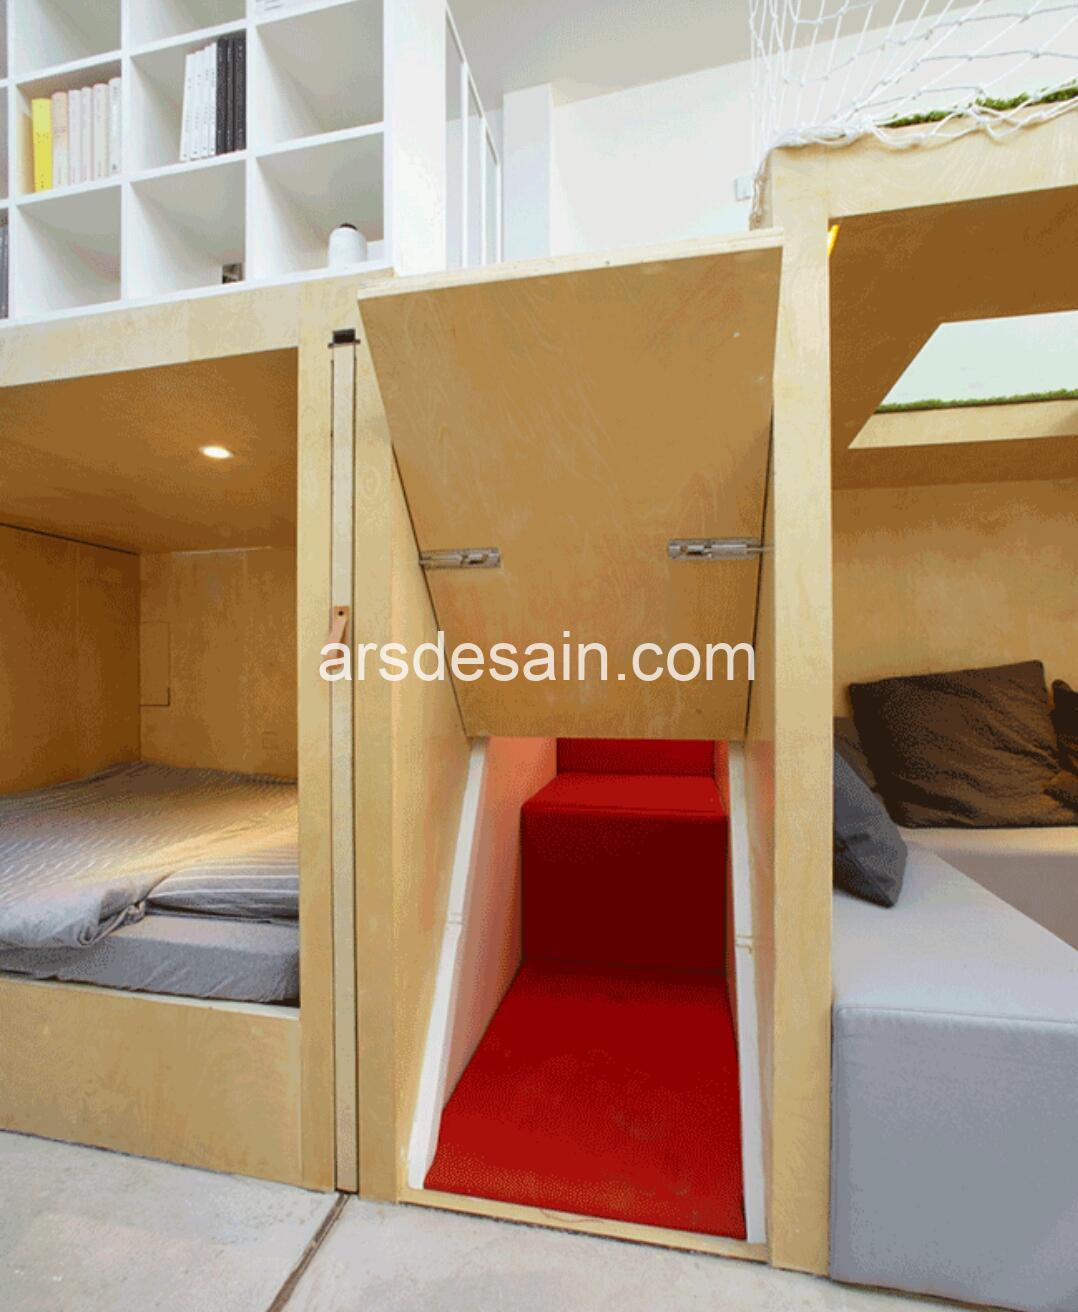 rumah minimalis fungsional 05